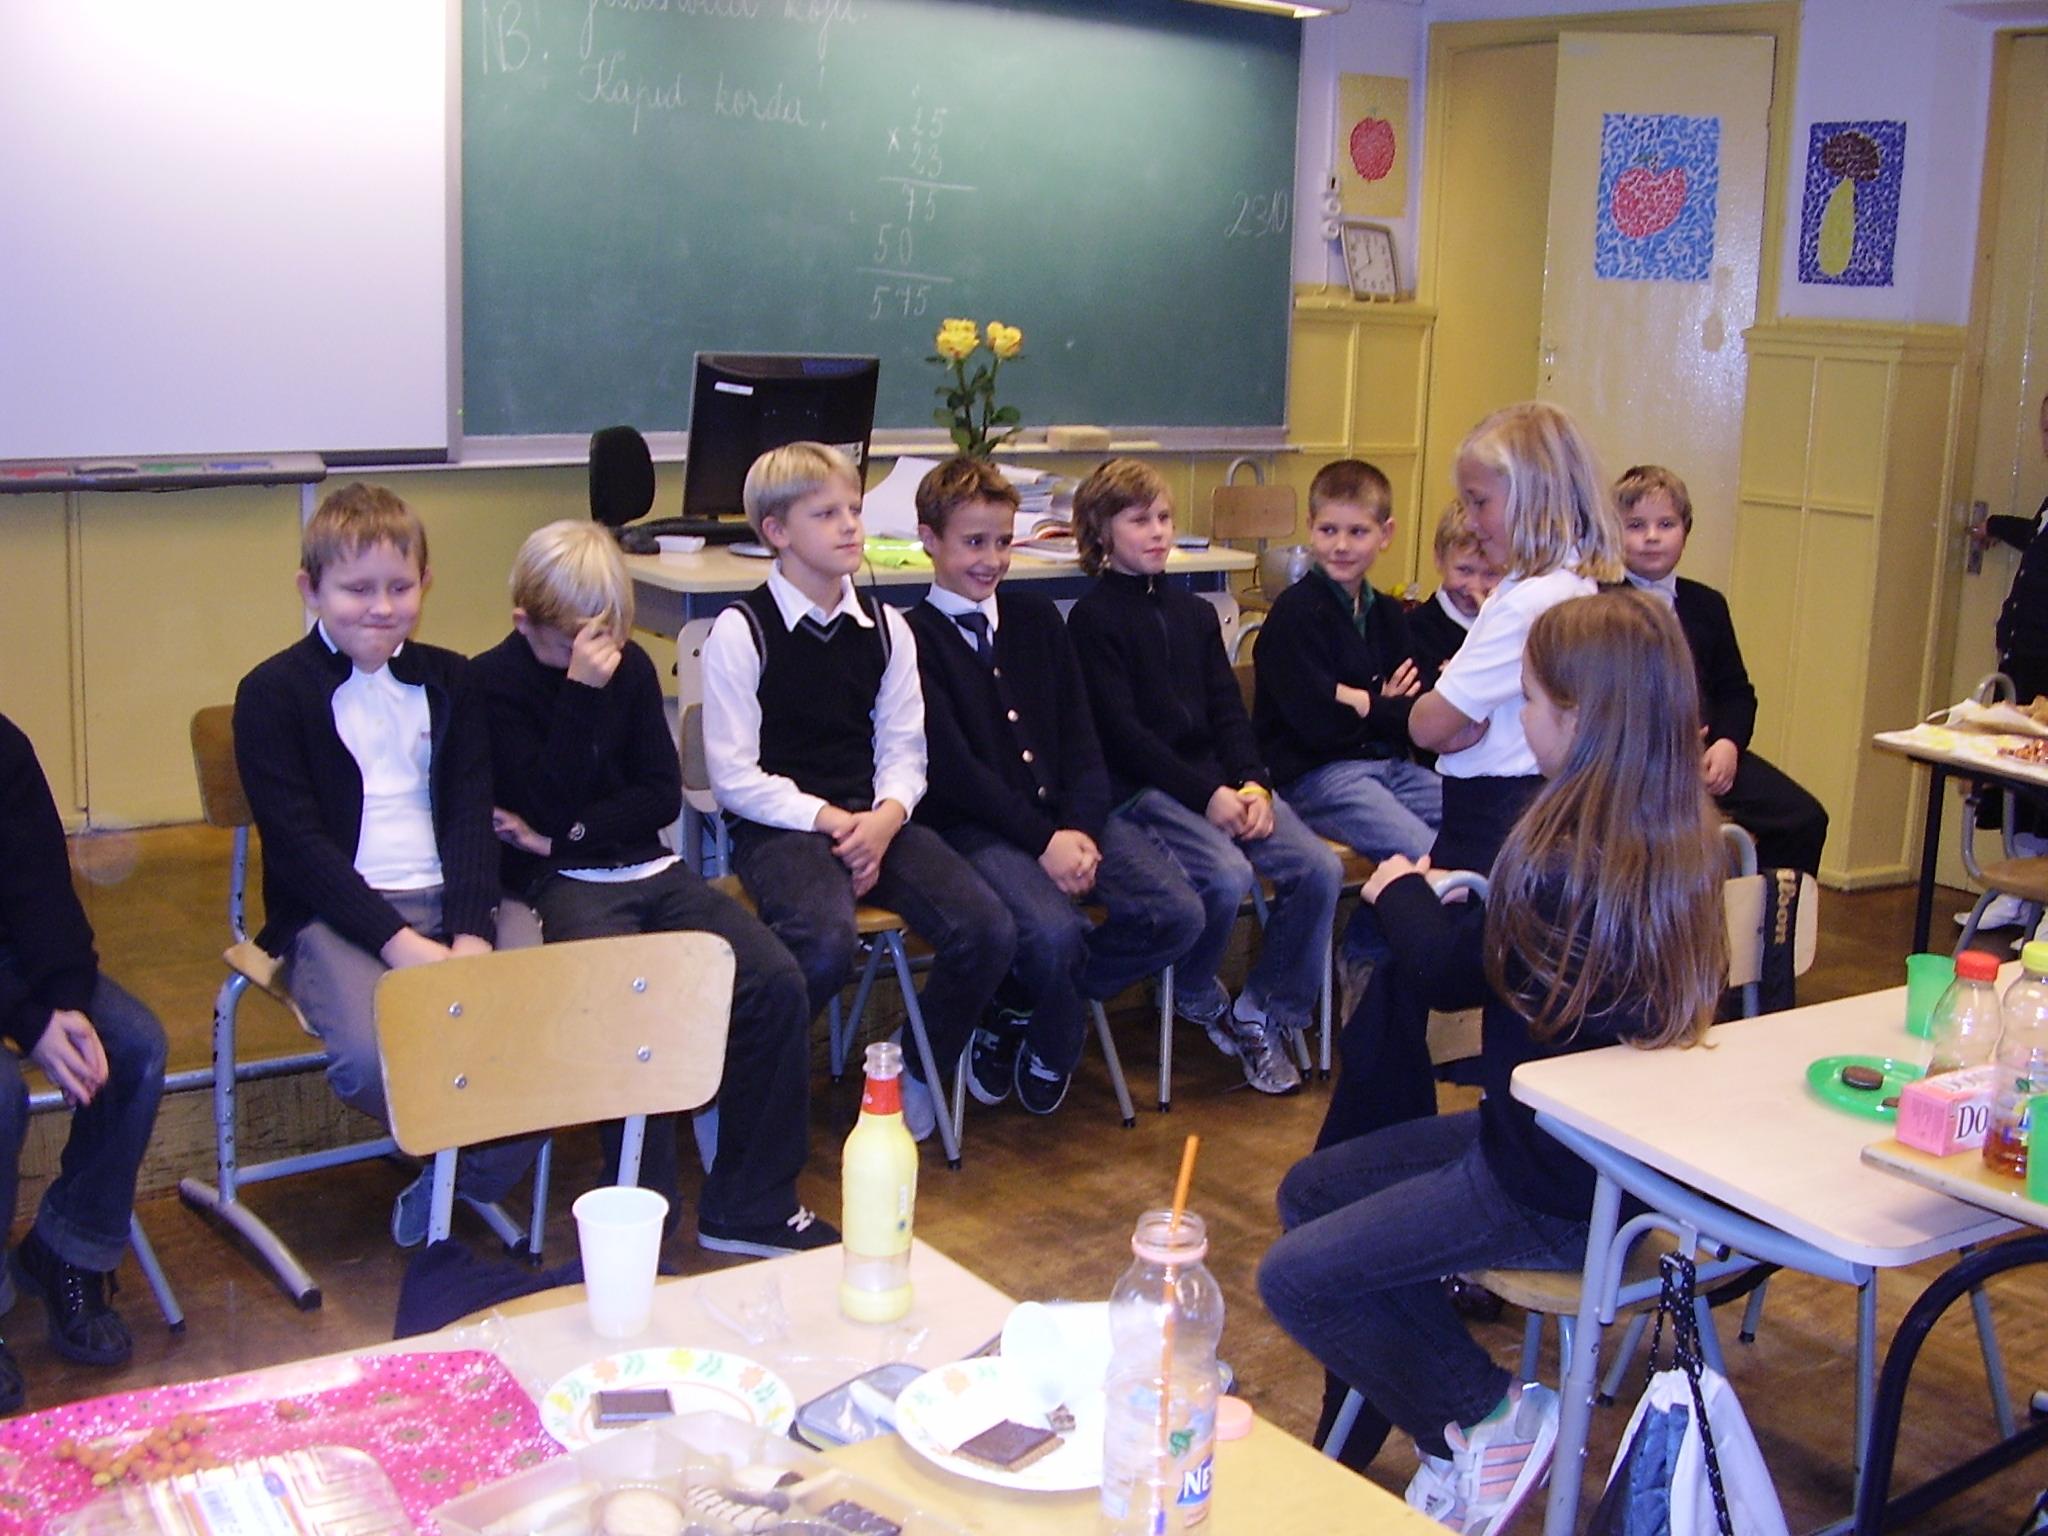 opioskused-klassiohtu-okt2009-011